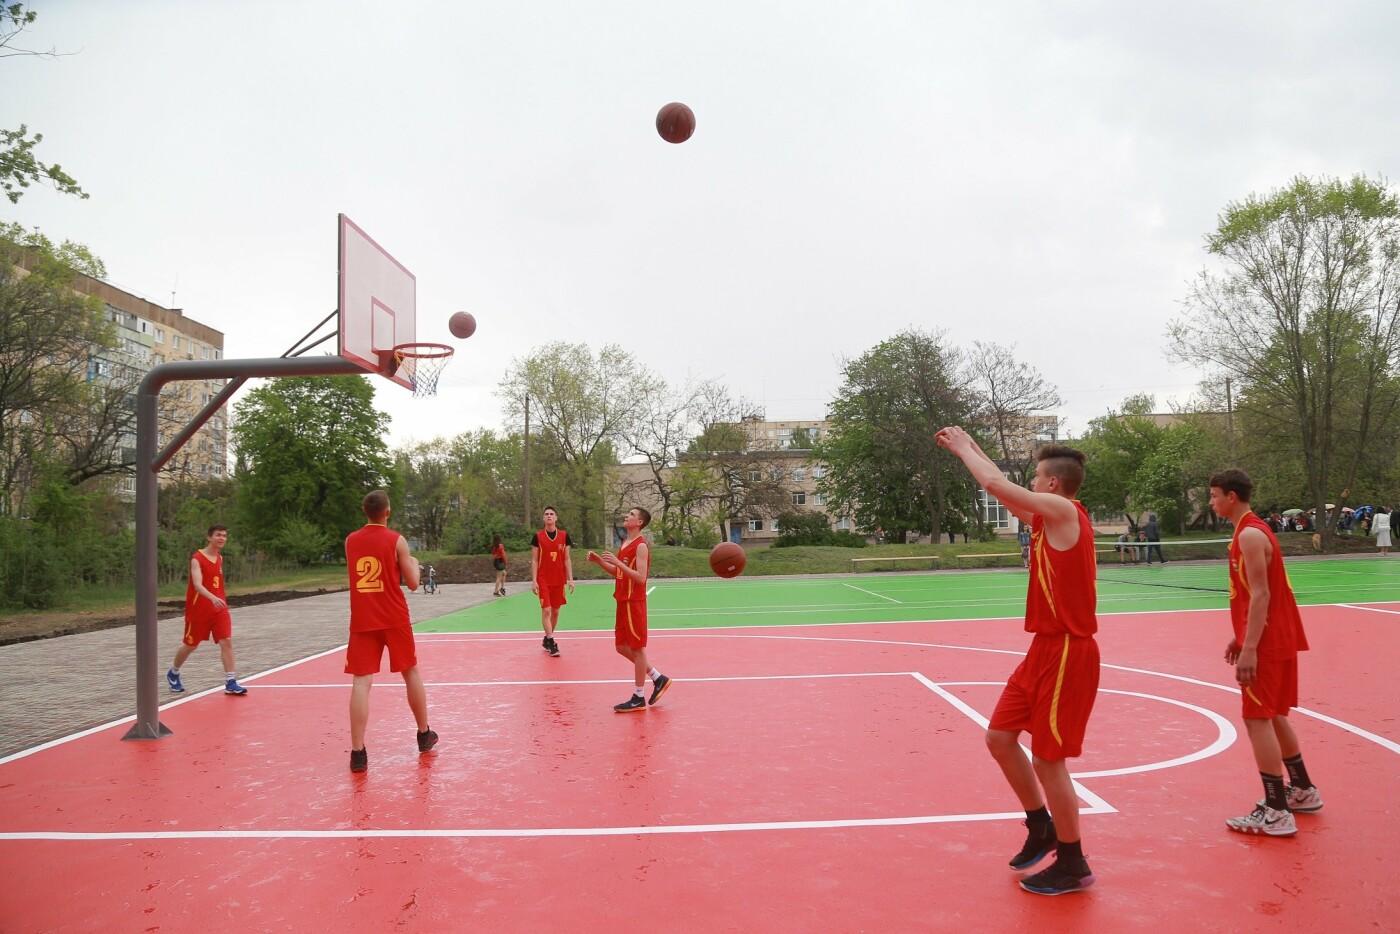 Доступный спорт для каждого: в Ингульце при поддержке Метинвеста установили мультифункциональную спортплощадку под открытым небом, фото-4